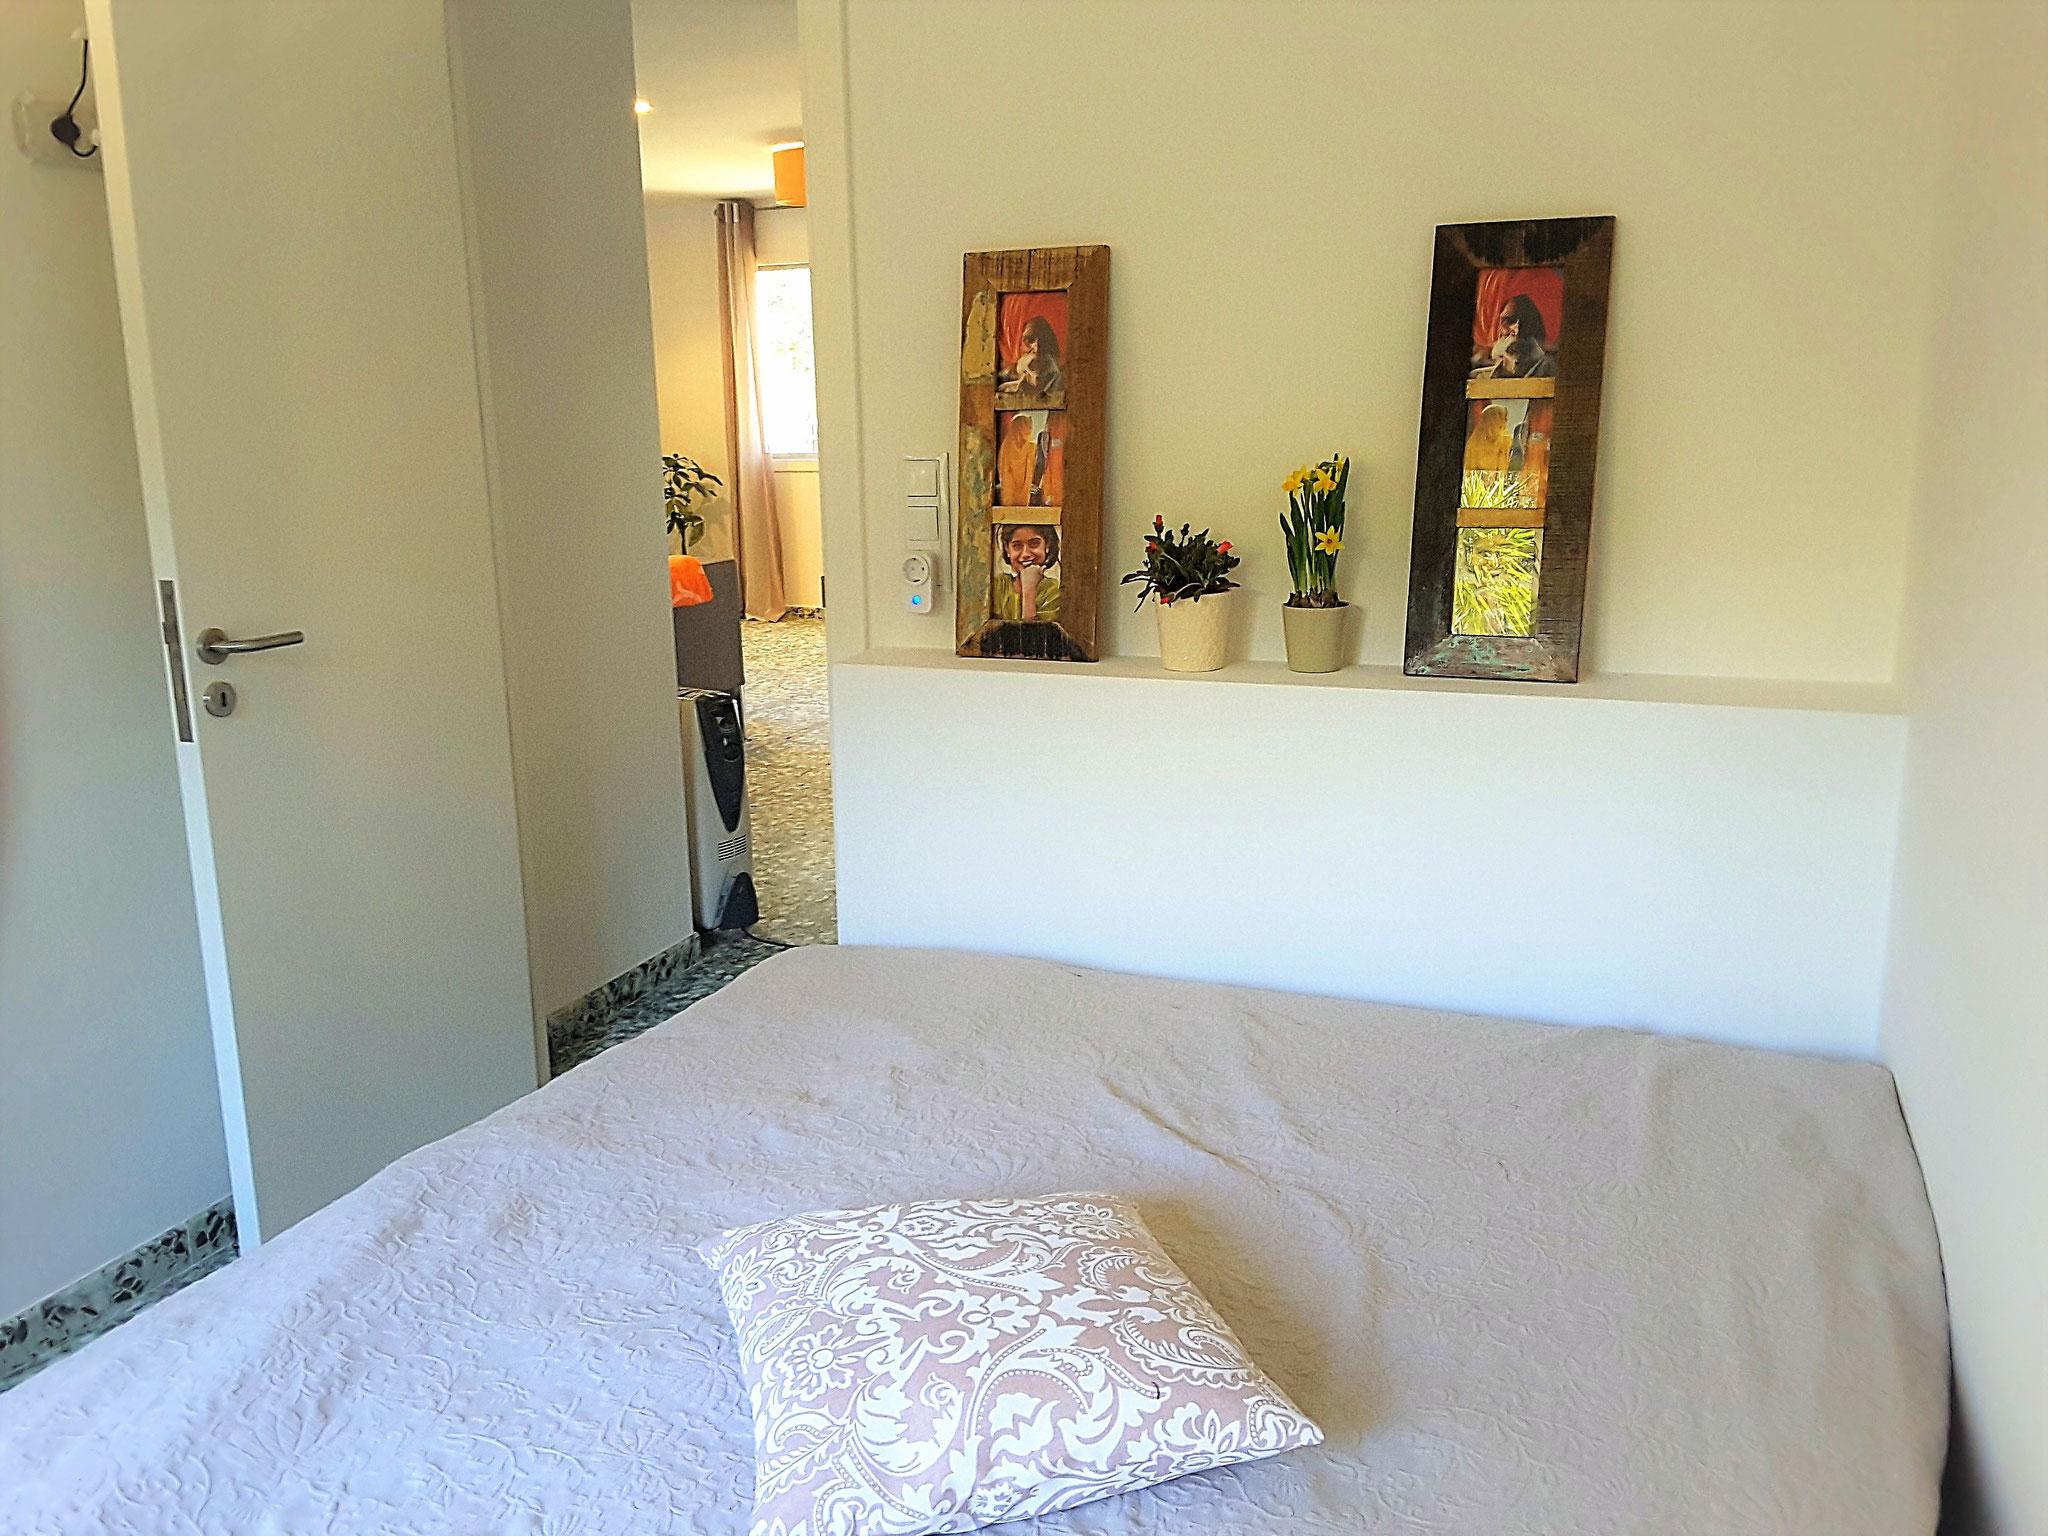 dormitorio con cama doble  1,50 x 2,00 m